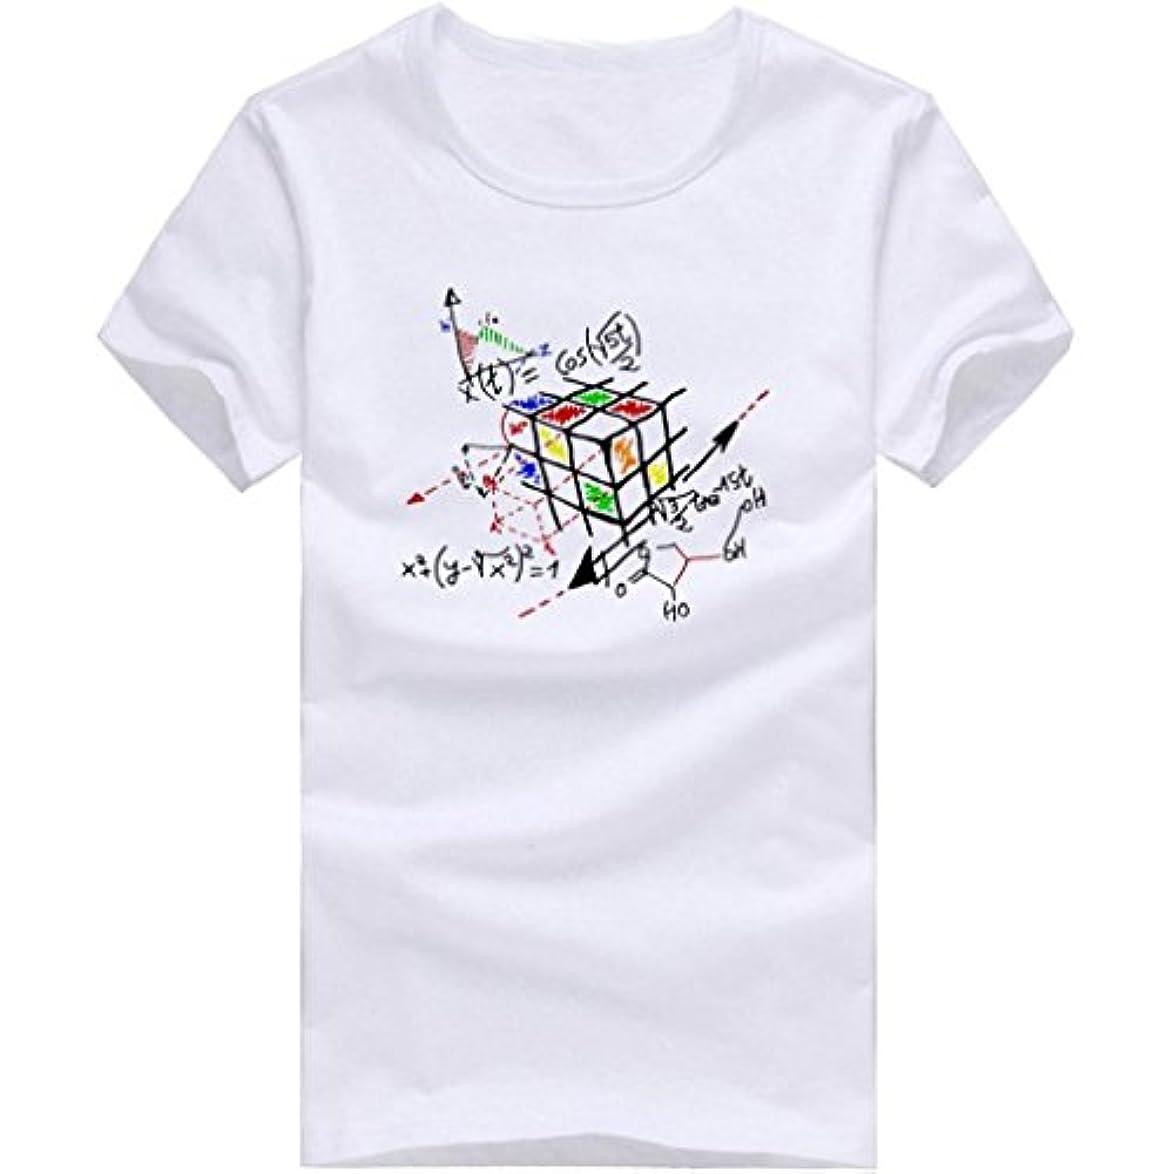 支払ういちゃつく旋回Tシャツ メンズ Kukoyo 夏 ルービックキューブ 数学 化学公式柄 創意 ファション カジュアル おもしろ おしゃれ 快適 半袖 吸汗速乾 無地トップス ストリート 薄手 体型カバー